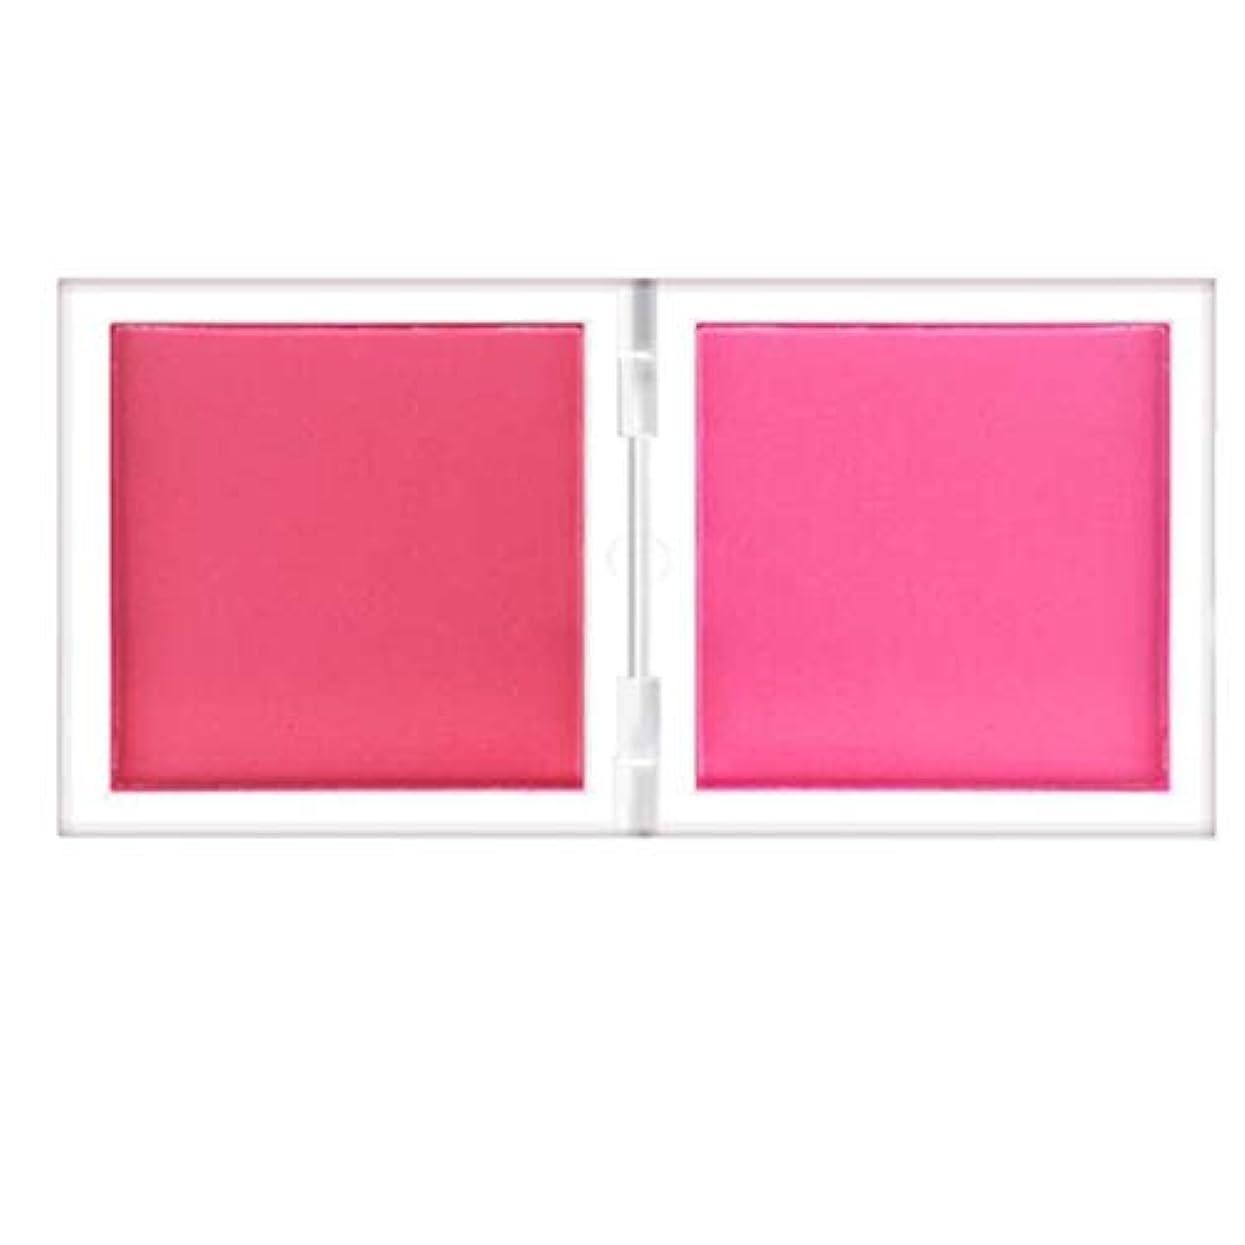 楕円形典型的なあえぎGoenn 人気 ミネラルチーク シルク赤面 カラールージュを改善 顔の明るさ 頬紅 2色 Blush フェイスメイク ベースメイク ハイライト メイクアップ いい色 ピーチメイク グリッター パール マット シルク 咲いていない フェイスパウダー 高発色 透明感 保湿成分 携帯便利 使用簡単 クールトーン アイシャドウ パレット 自然立体 コスメ おしゃれ 長持ち 暖かい色 メイクパレット 美容メイクアップ 韓国風 日本と韓国スタイル もと顔 カラー ルージュ プロ用/初心者 日常/コスプレ パーティメイク ハロウィンメイク 自然立体 華やかな光沢感 落ちにくい 艶メイク 晴らしい発色 明るい目効果 化粧プレゼント贈り物